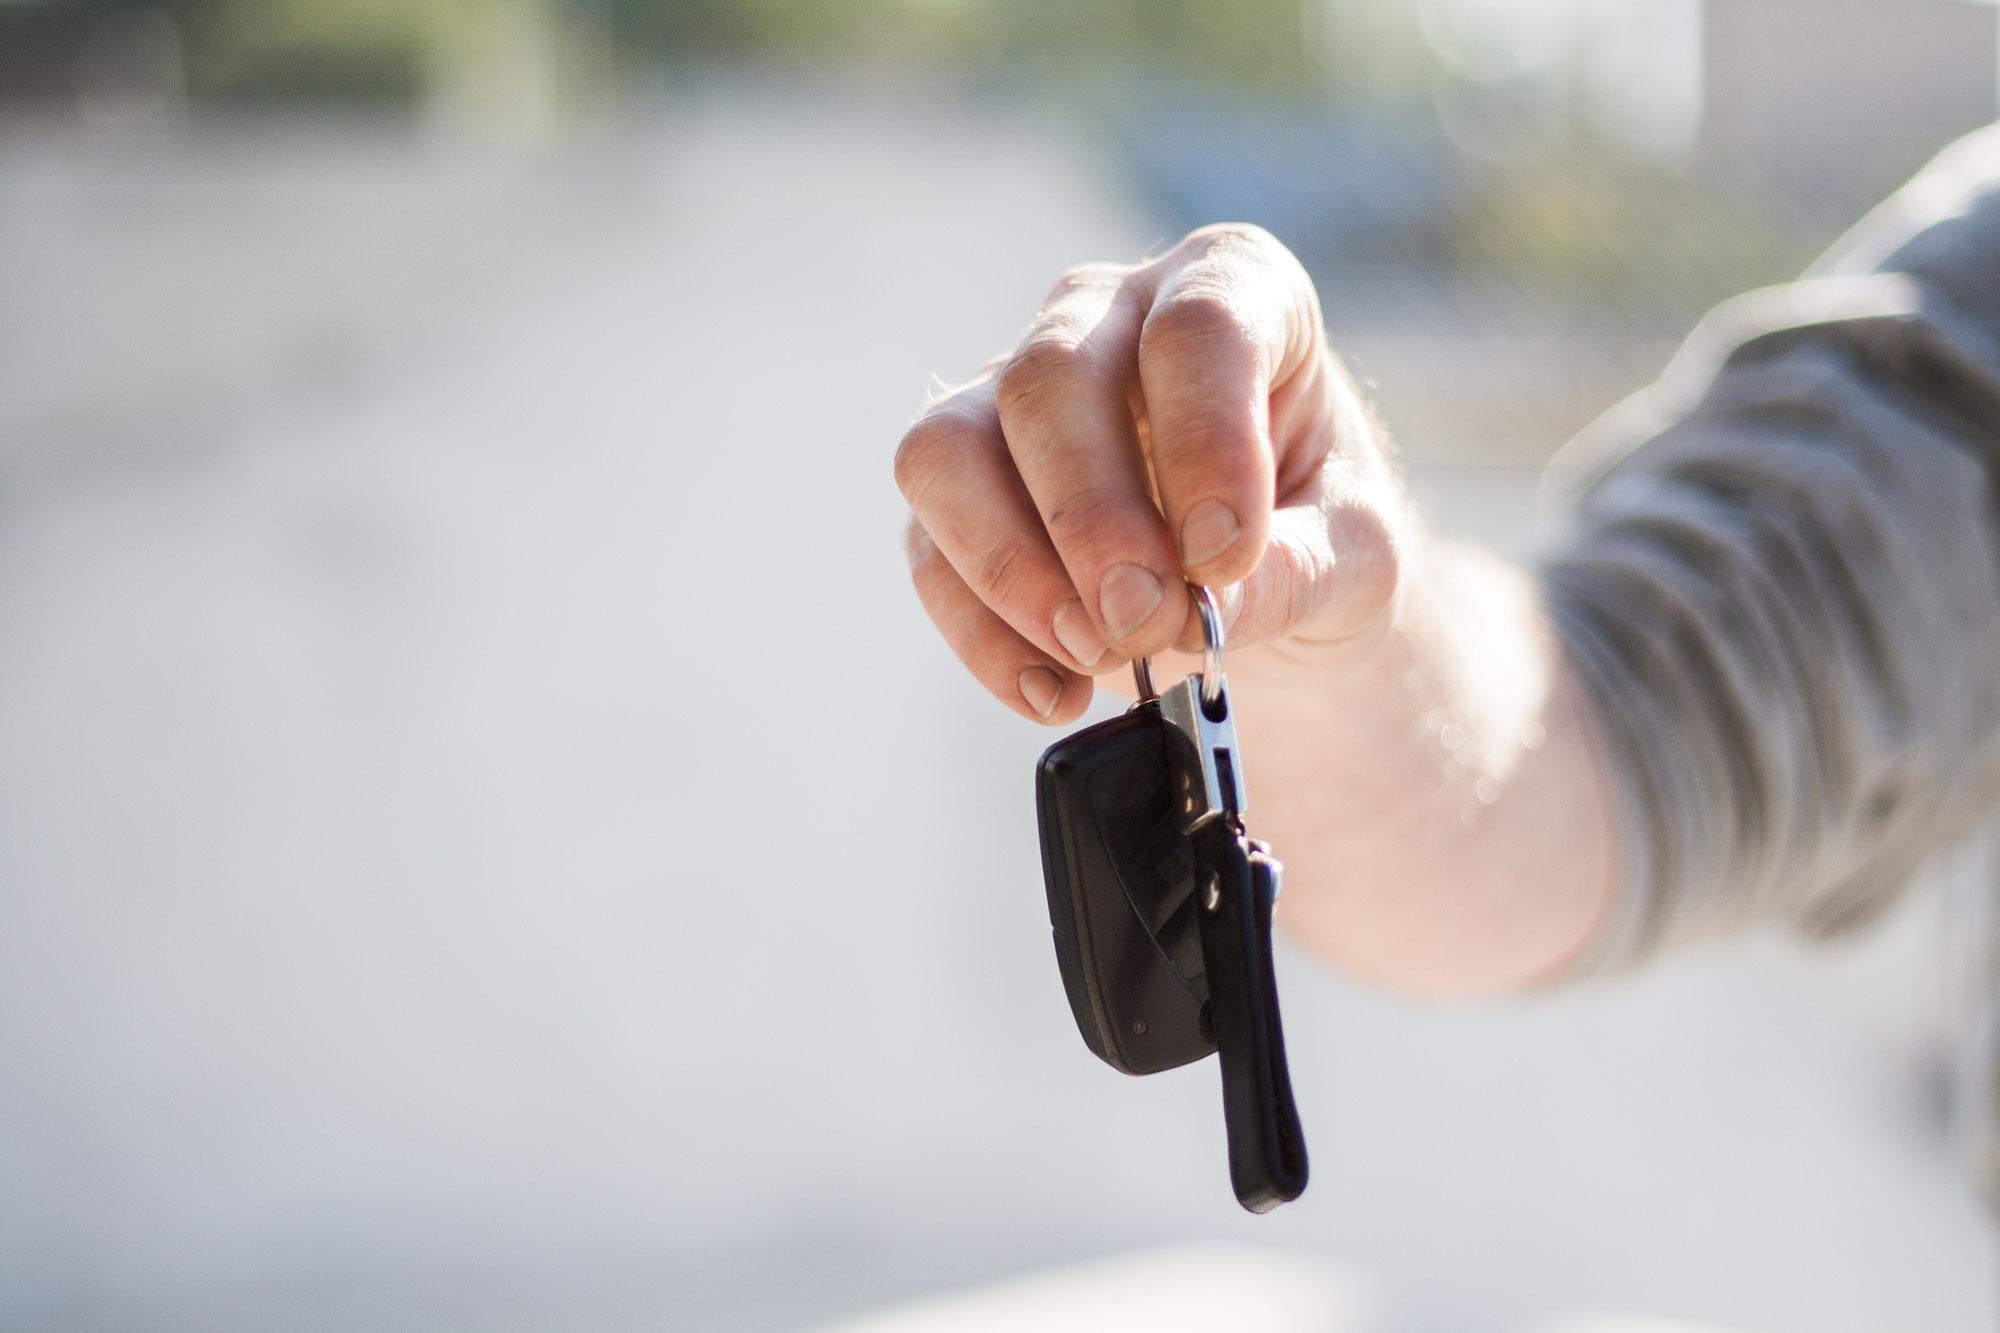 Zo kun je een goede autoverzekering vinden